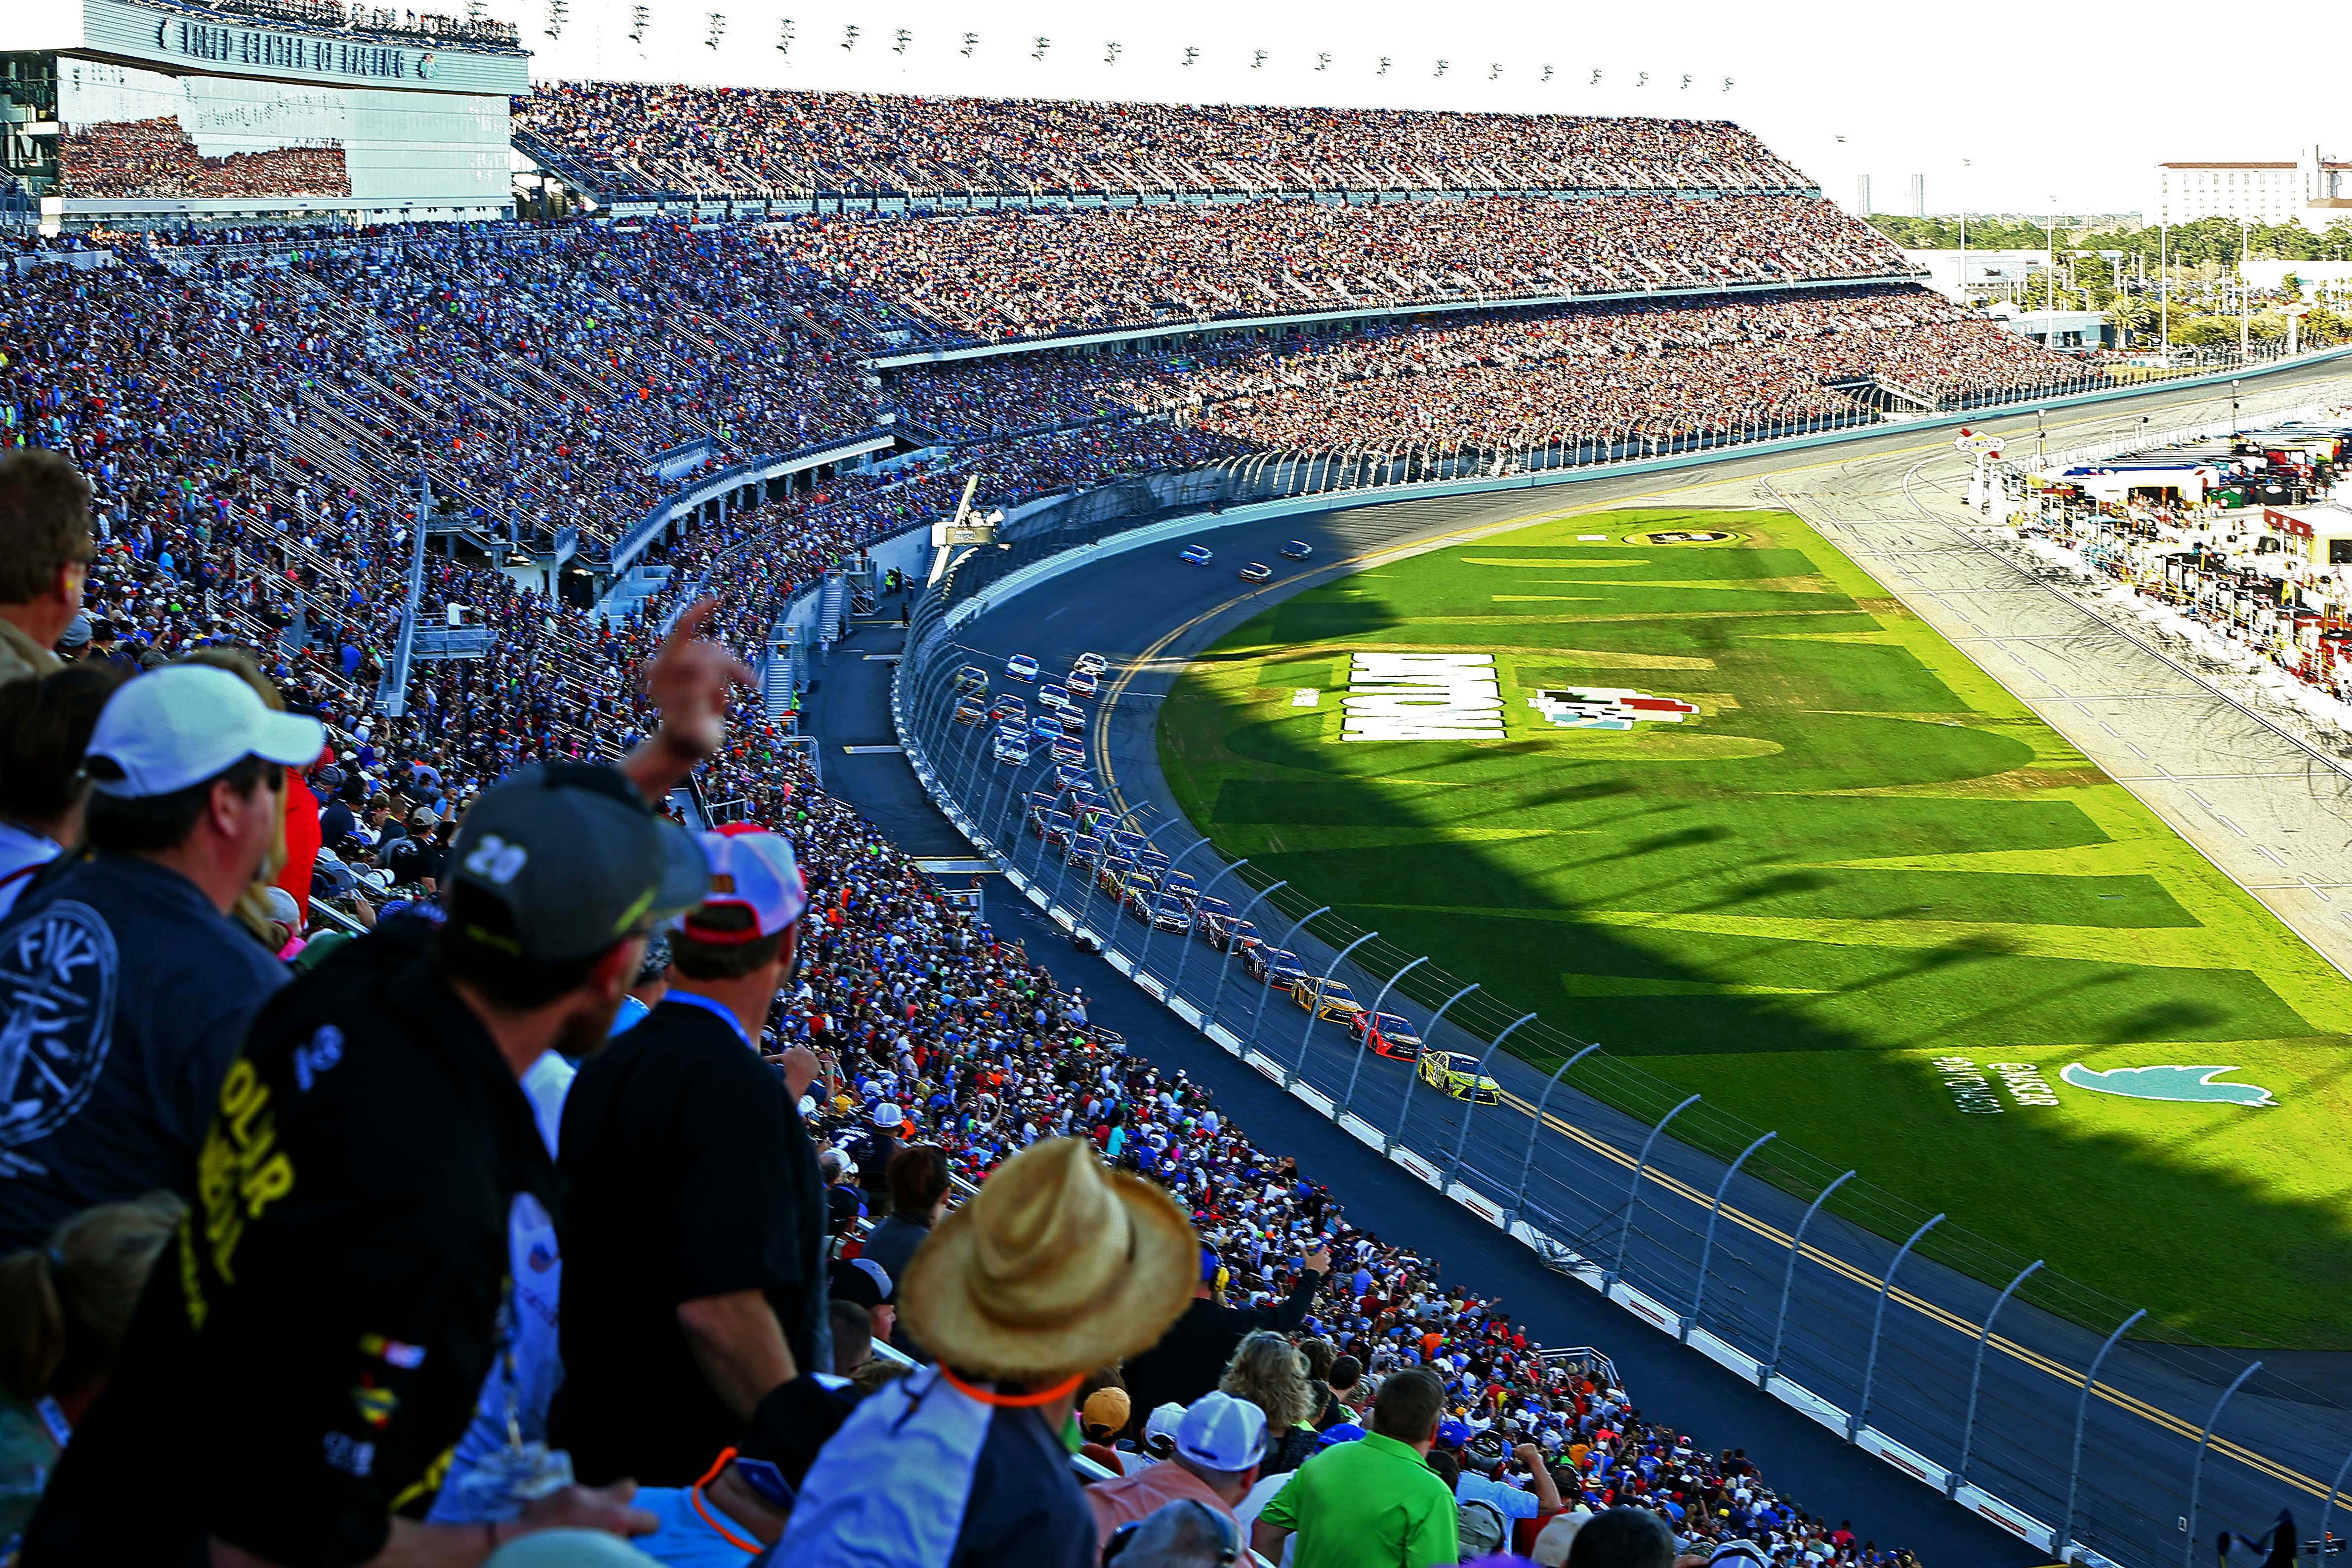 NASCAR dating website